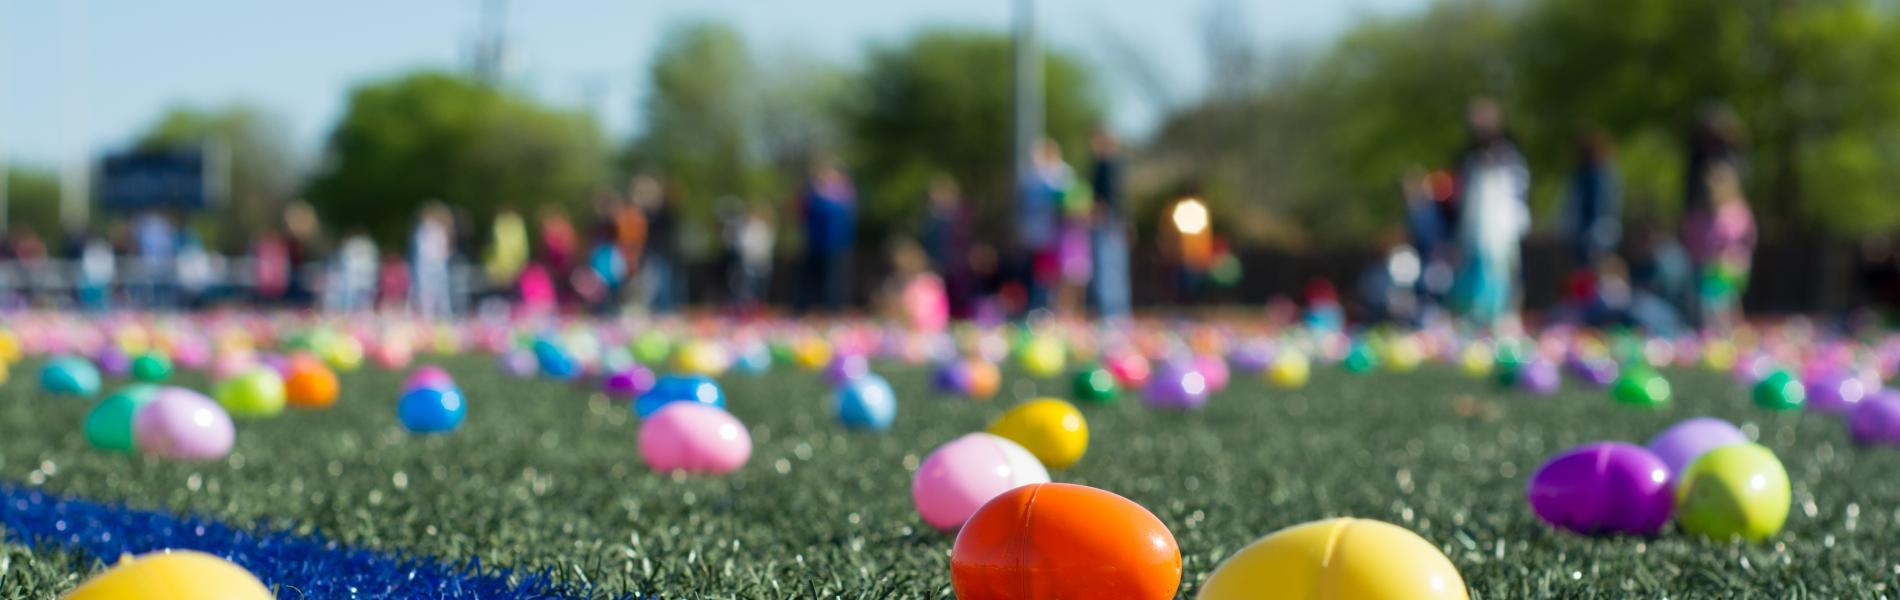 Saluda Shoals Park Egg Hunt